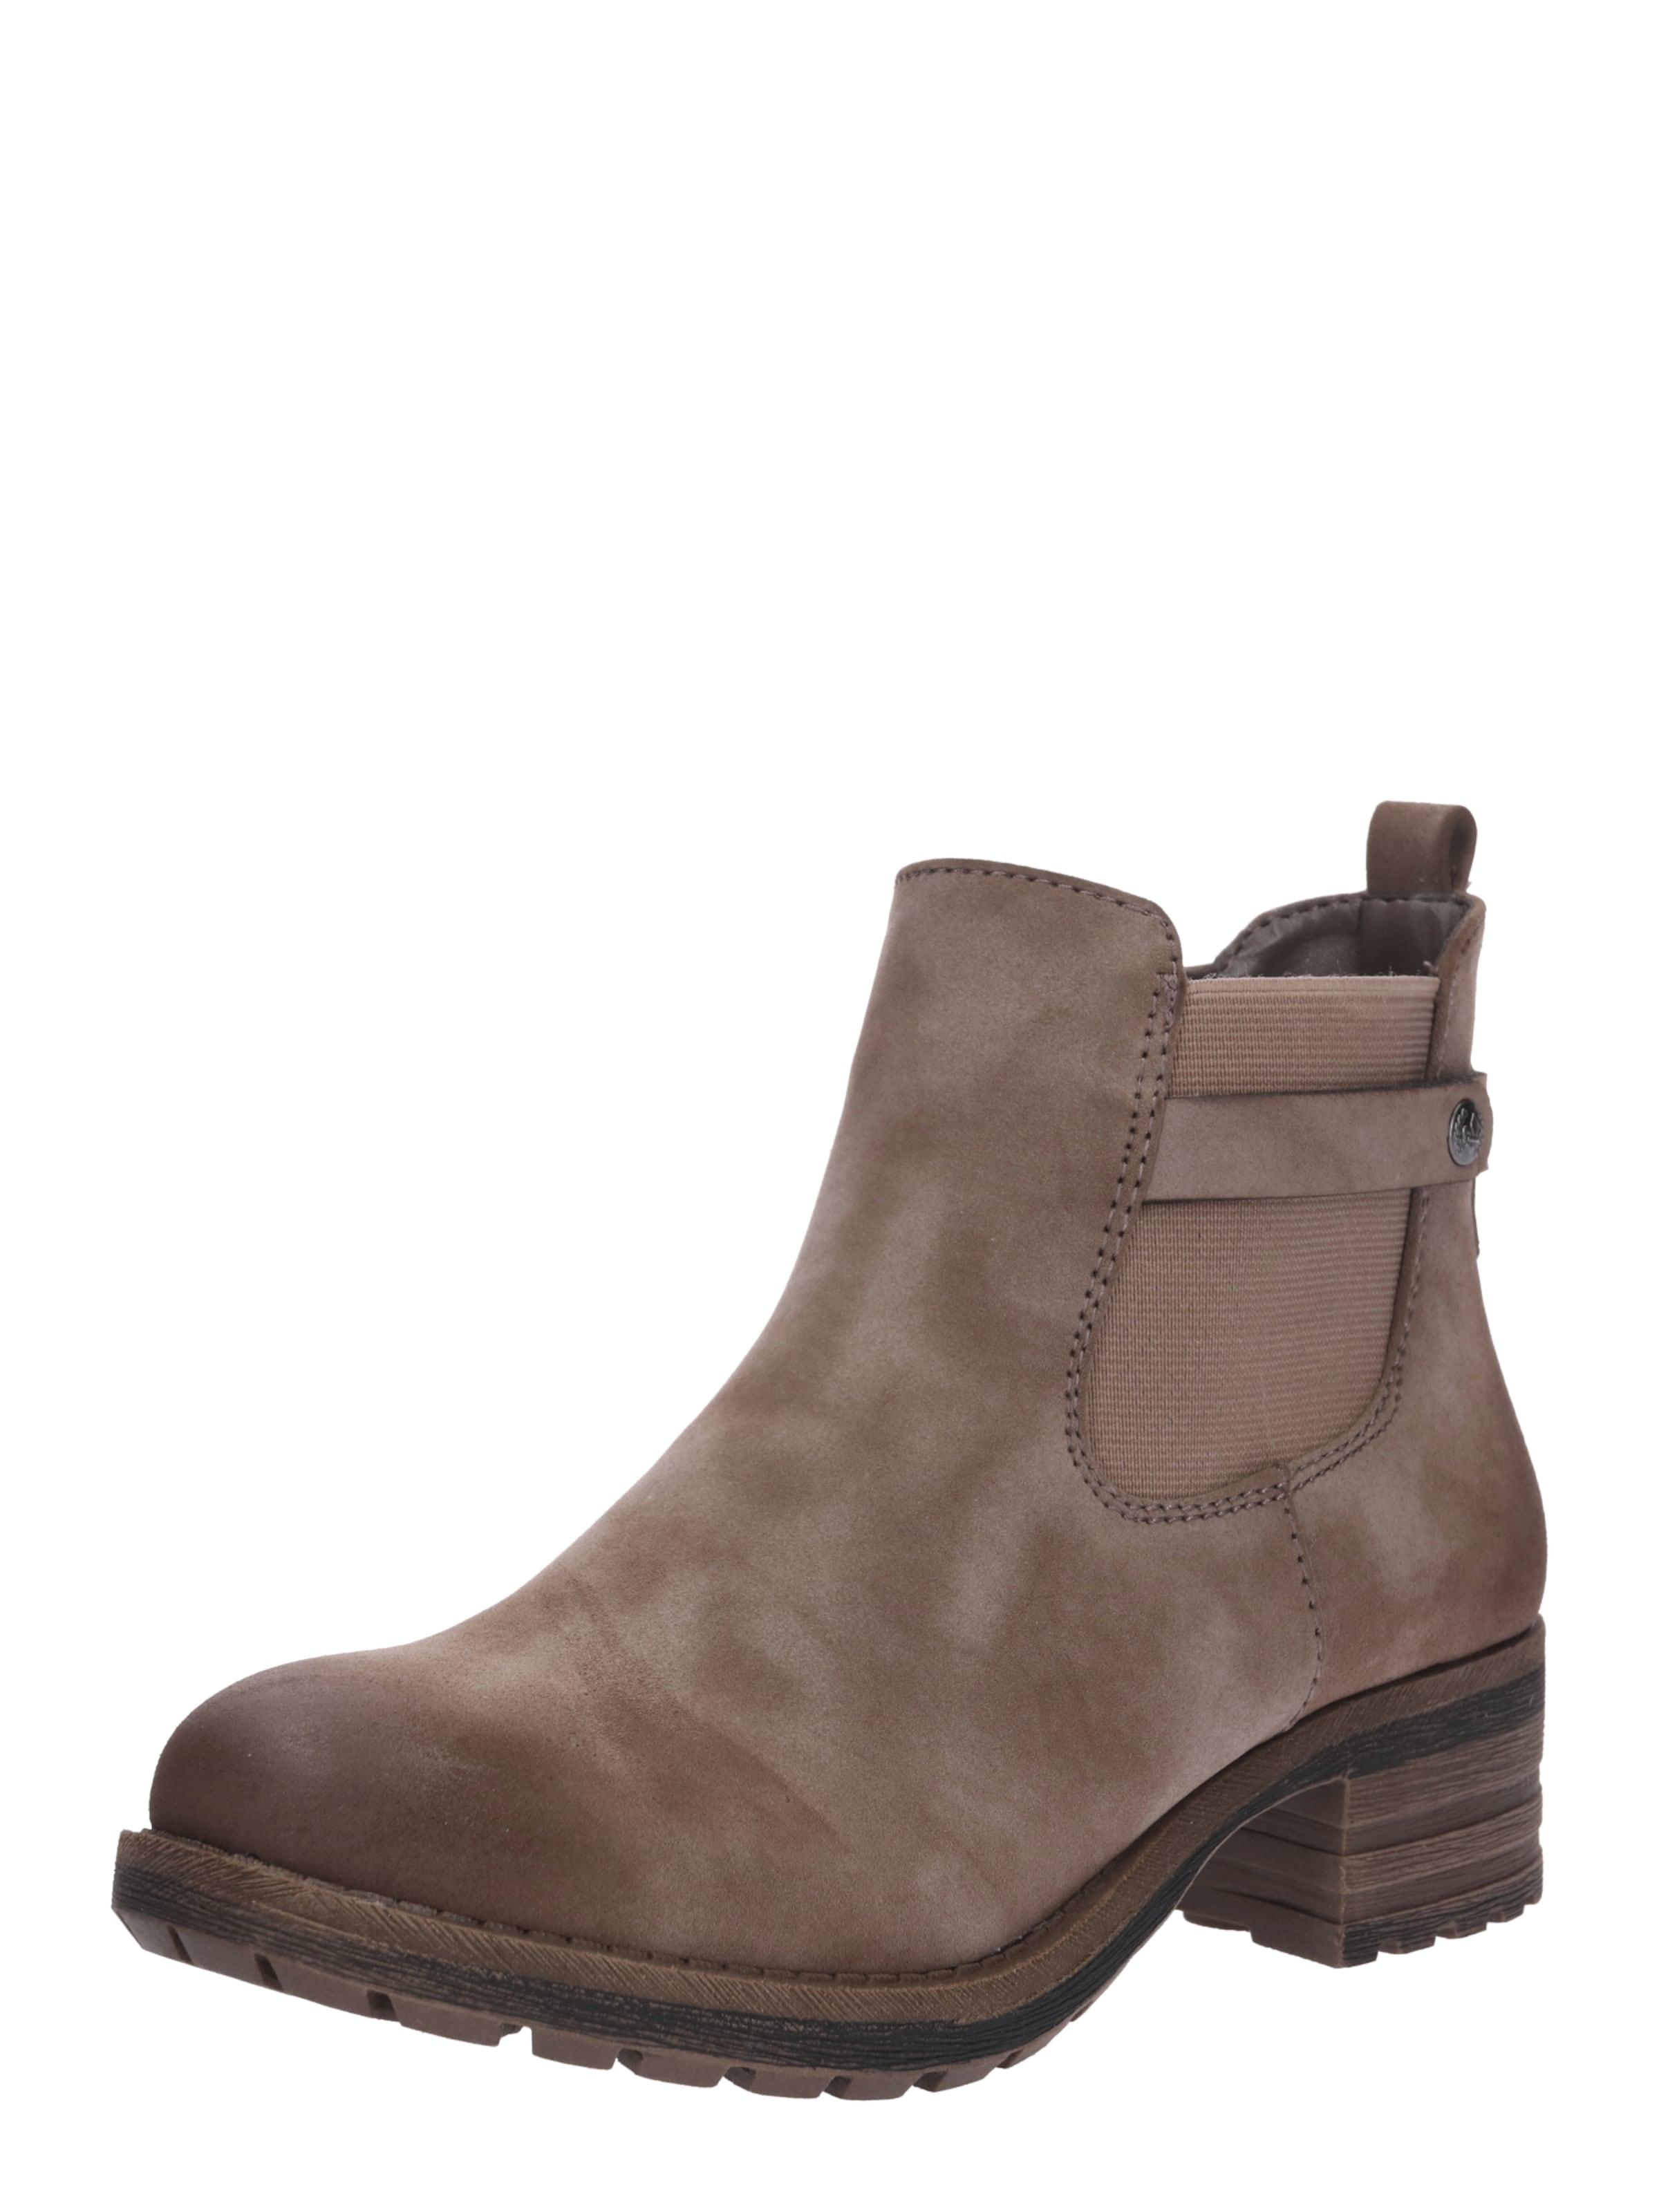 RIEKER | Chelsea-Stiefelette mit leichter Fütterung Schuhe Gut getragene getragene getragene Schuhe 88a596